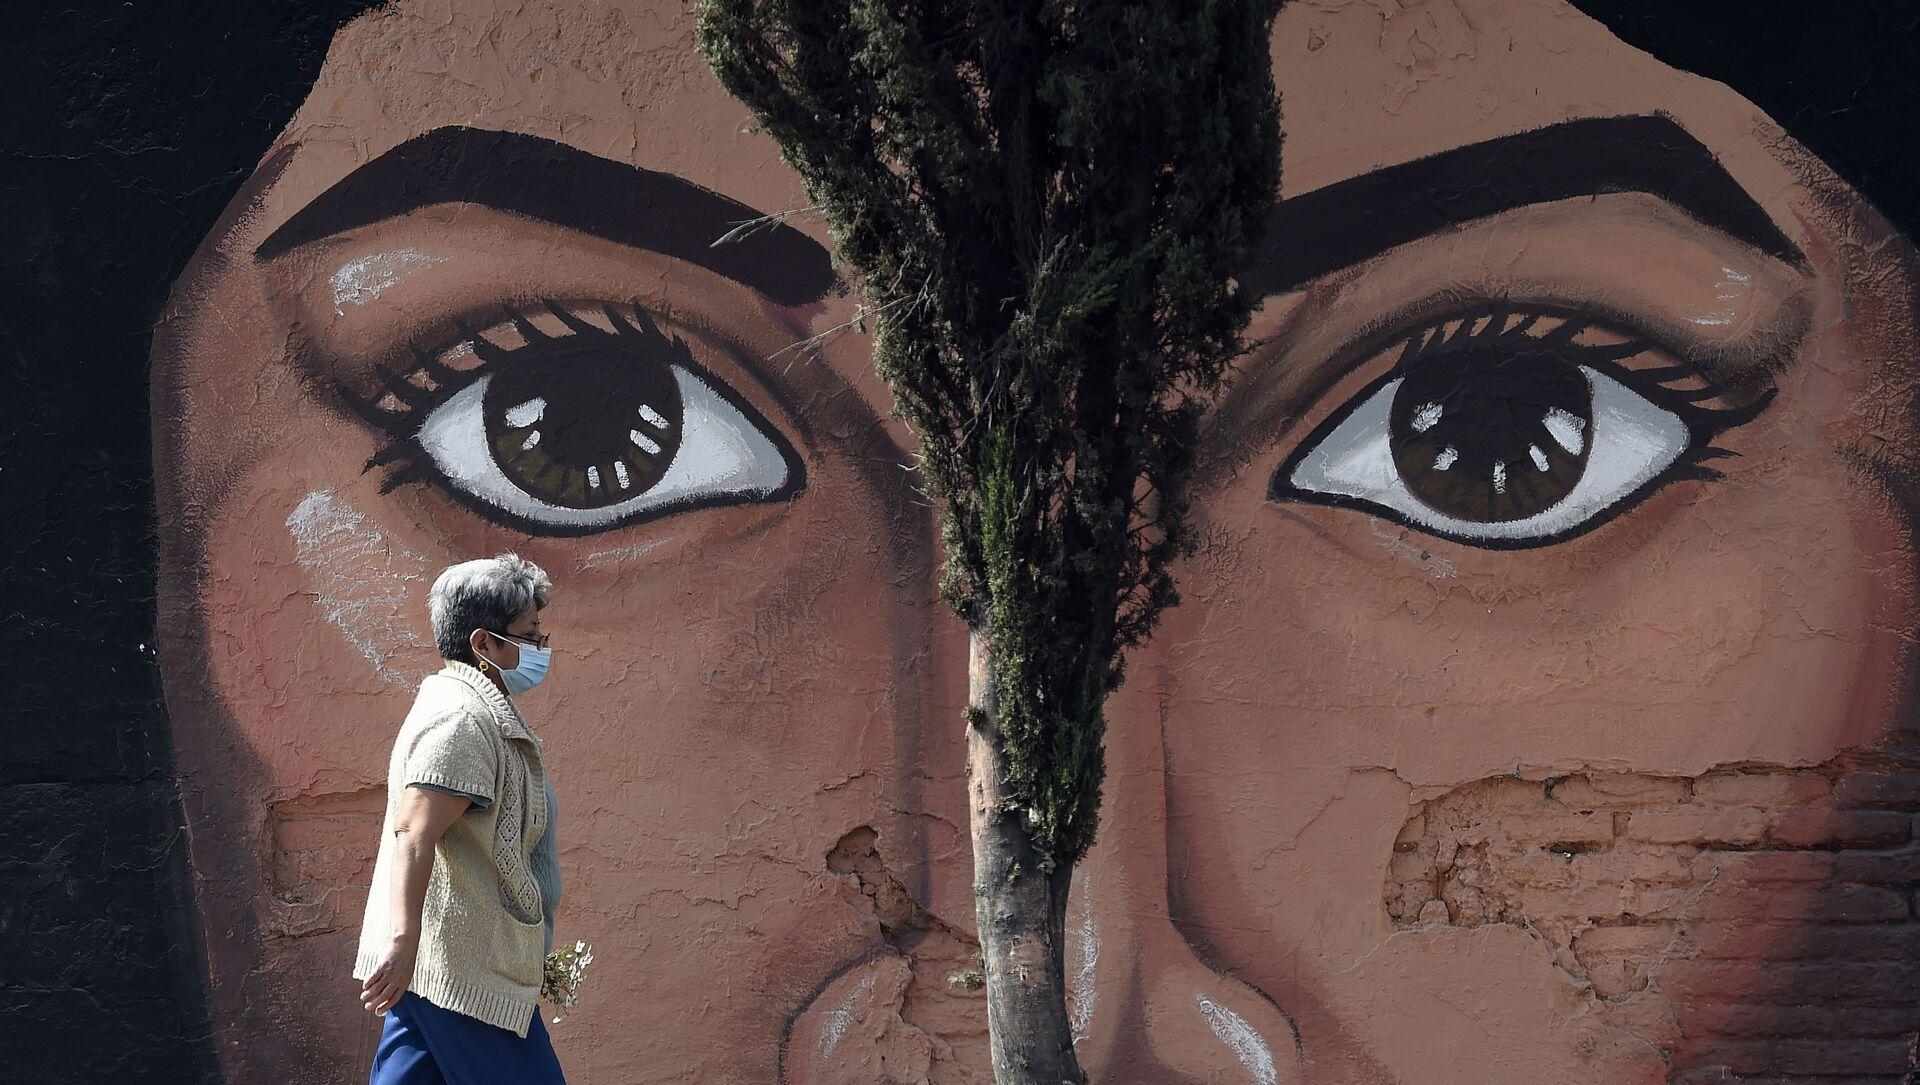 Женщина  проходит мимо граффити на одной из стен кладбища San Nicolas Tolentino в муниципалитете Истапалапа в Мехико - Sputnik Italia, 1920, 19.02.2021